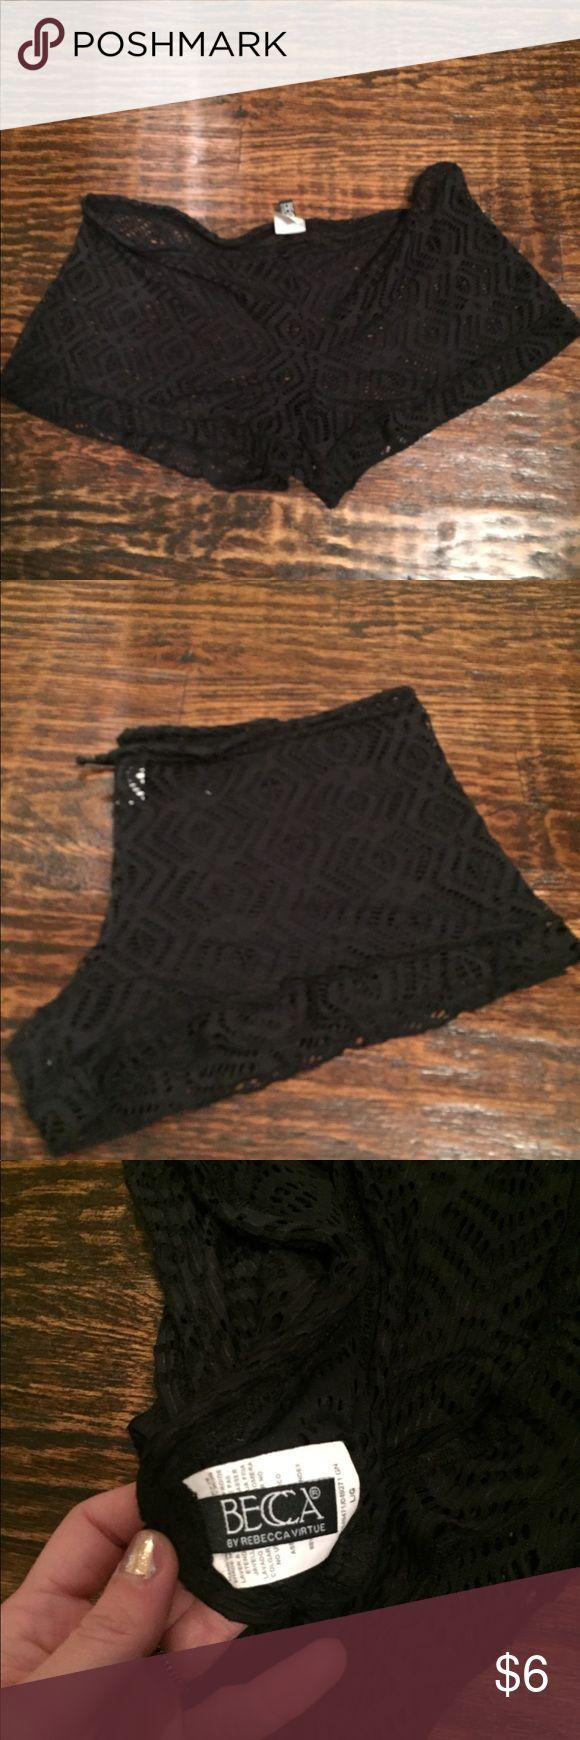 BECCA black crochet swim shorts coverup BECCA crochet swim coverup shorts with drawstring waist BECCA Swim Coverups